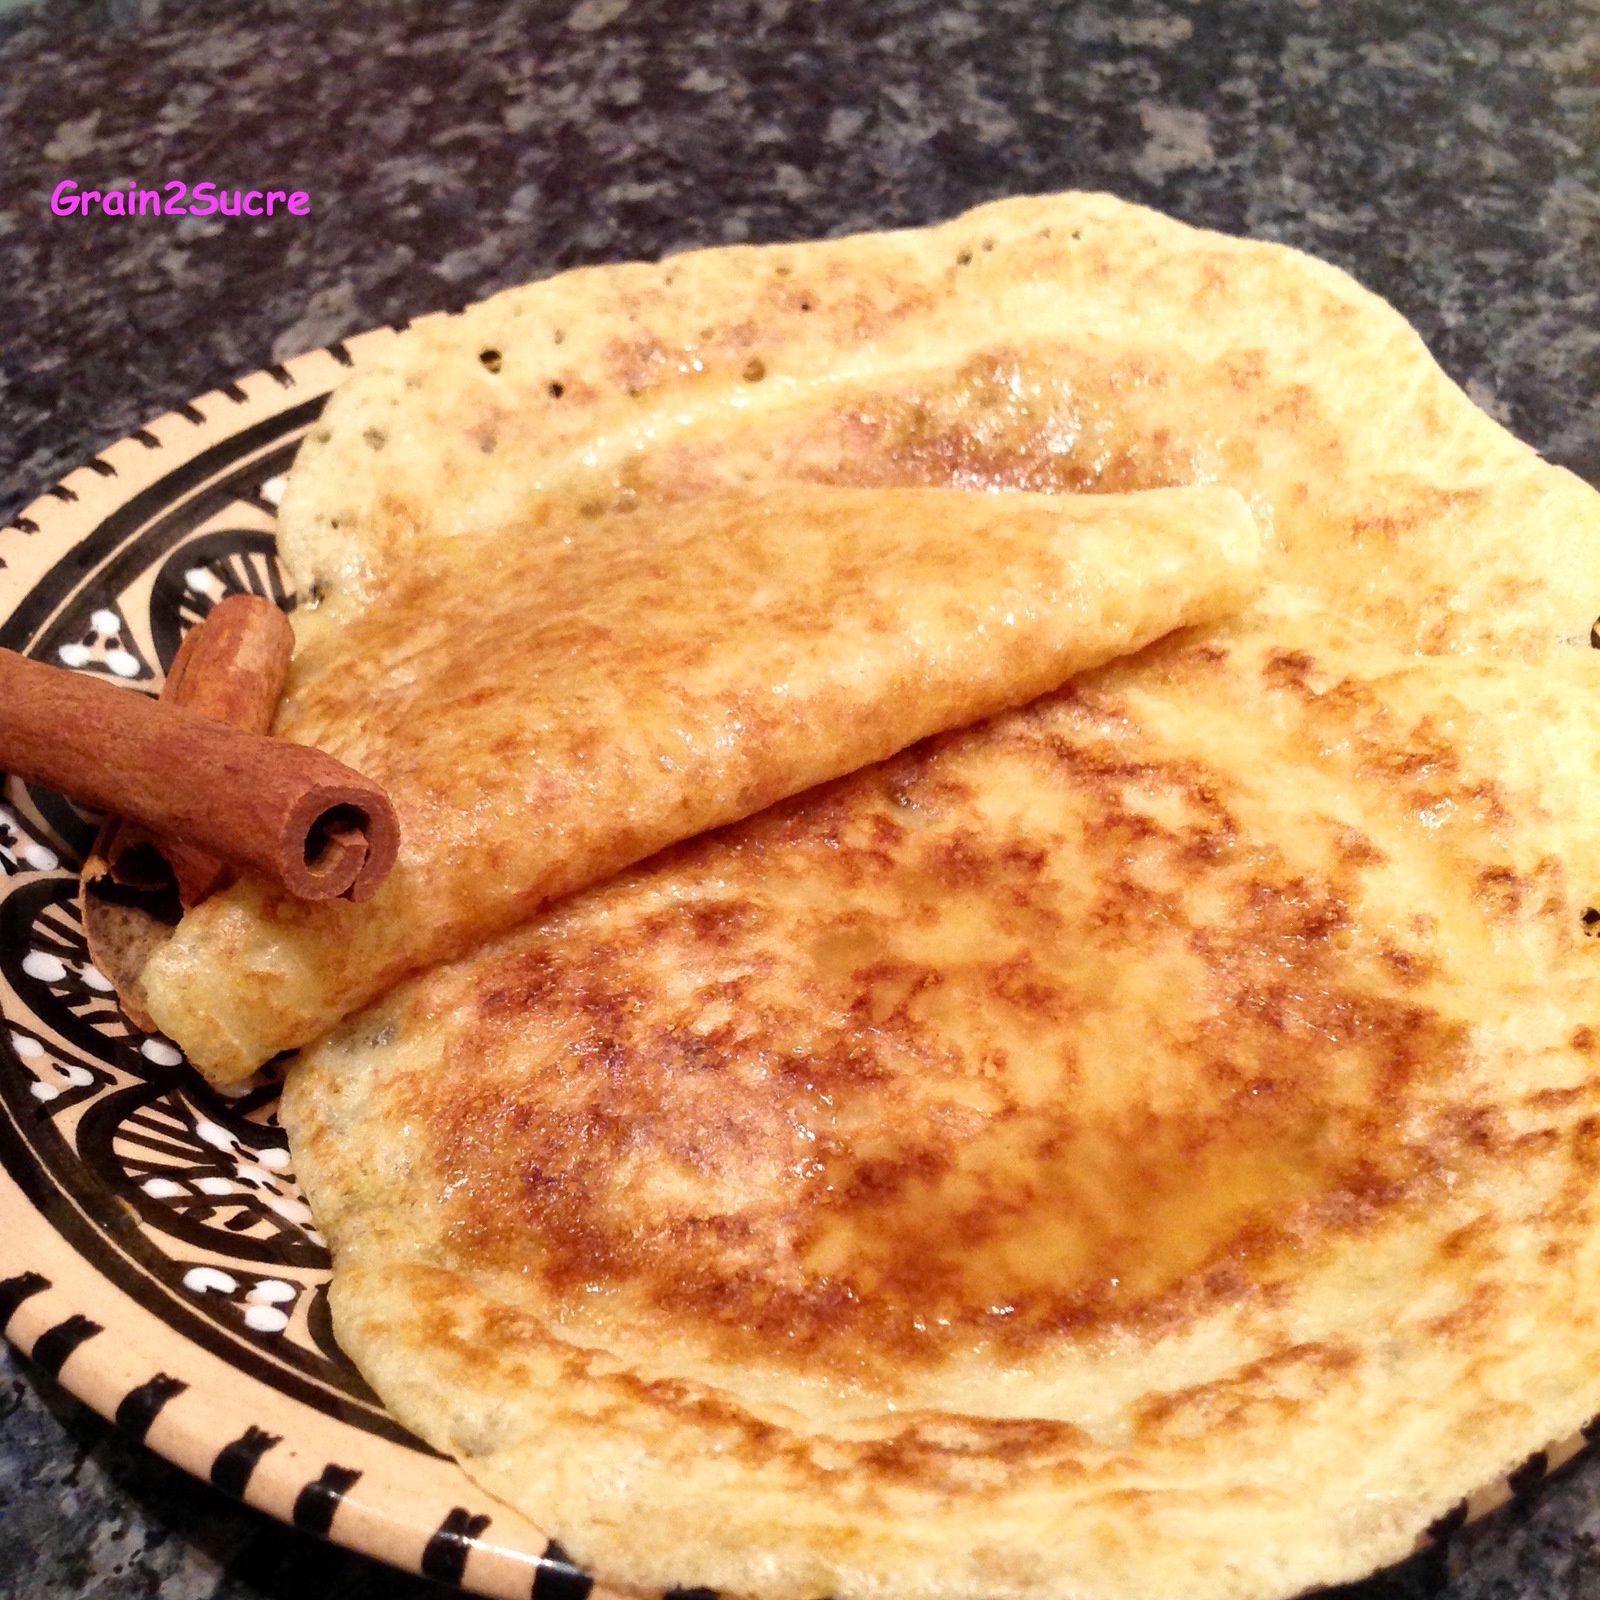 Grain2Sucre. Recette Baghrir, semoule, farine, eau, levure chimique et fraîche, miel, beurre